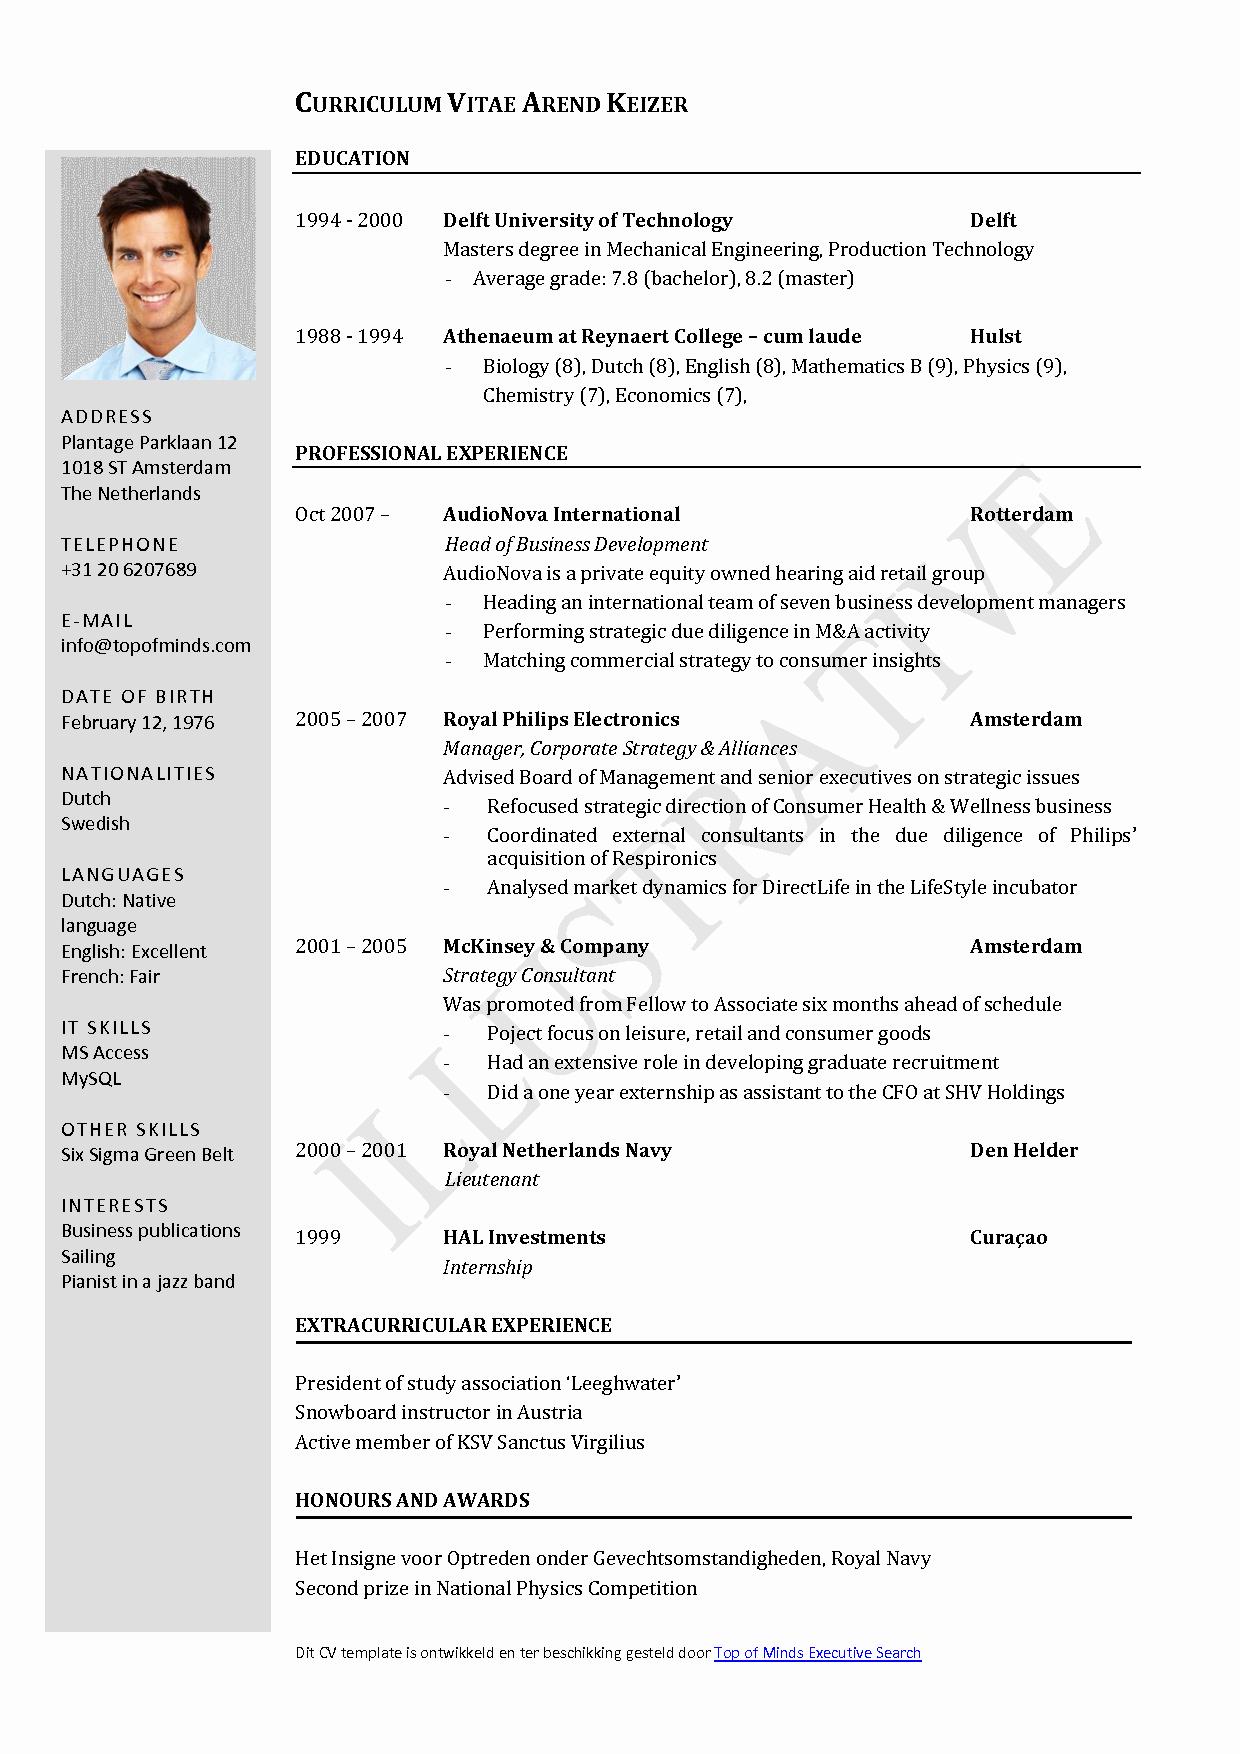 Curriculum Vitae Template Word Luxury Free Curriculum Vitae Template Word